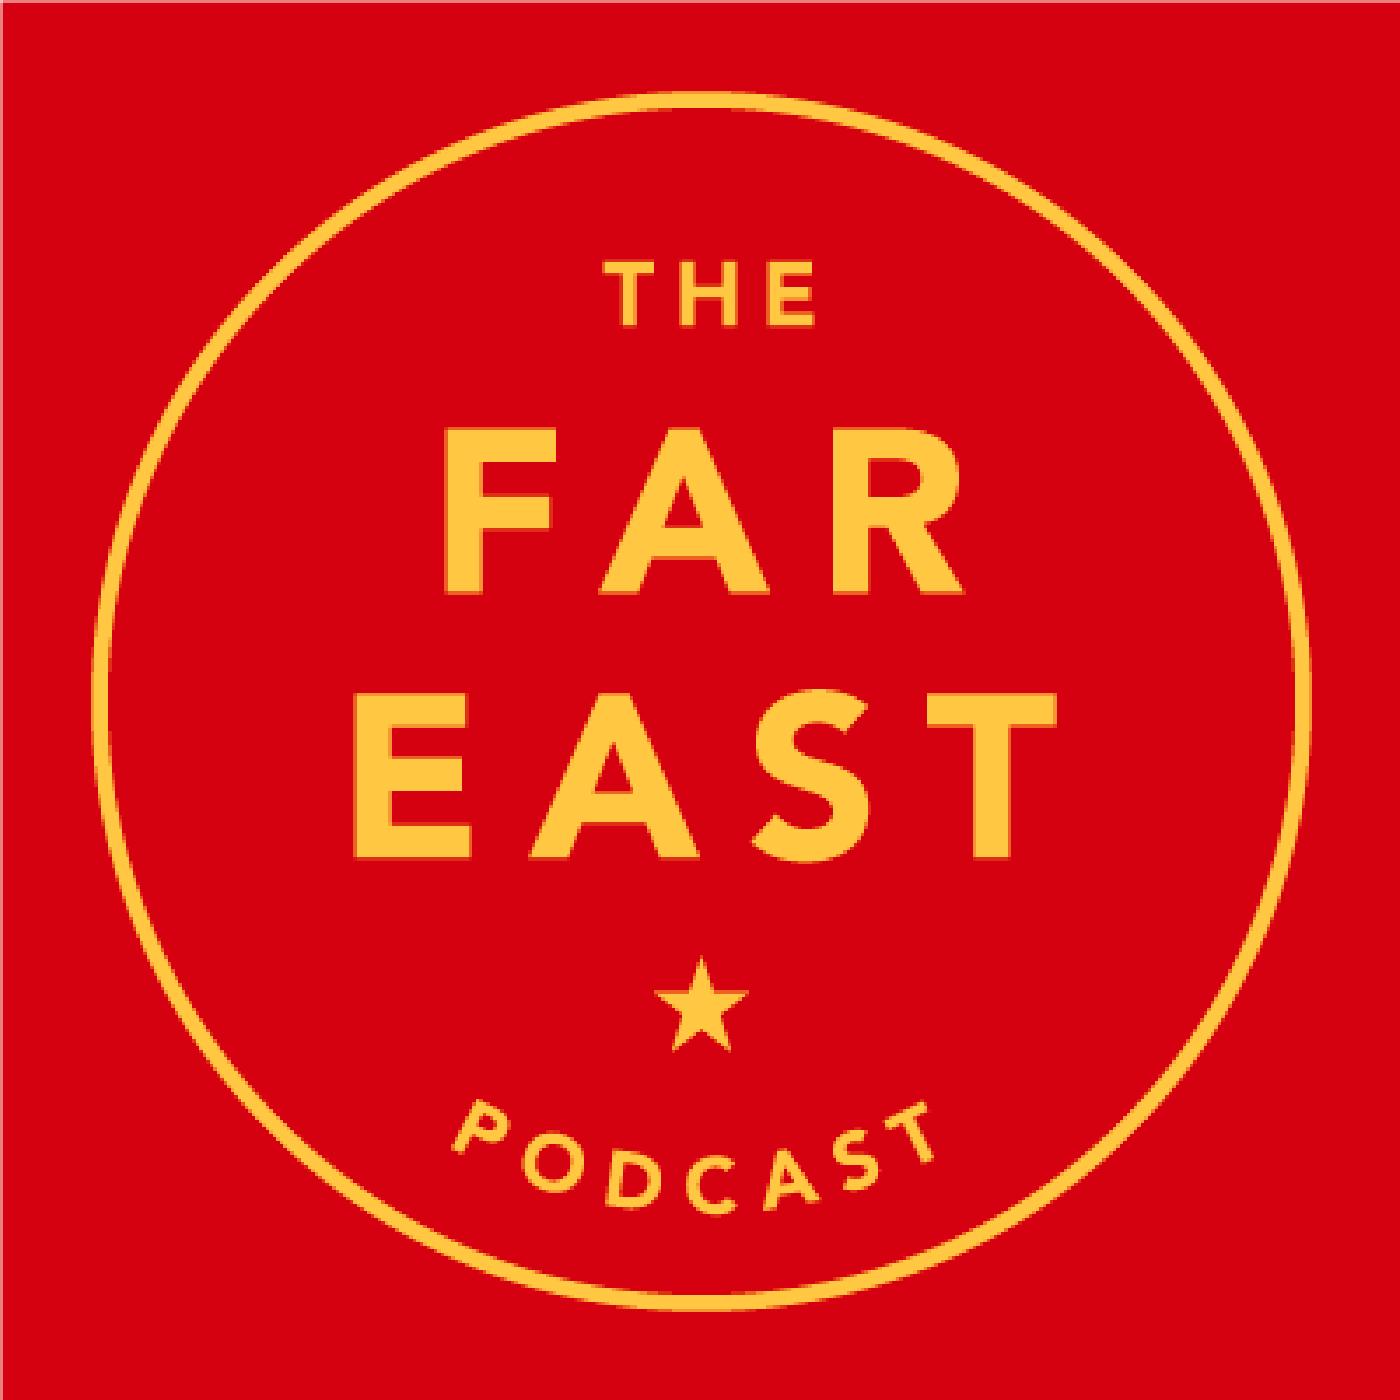 The Far East Podcast